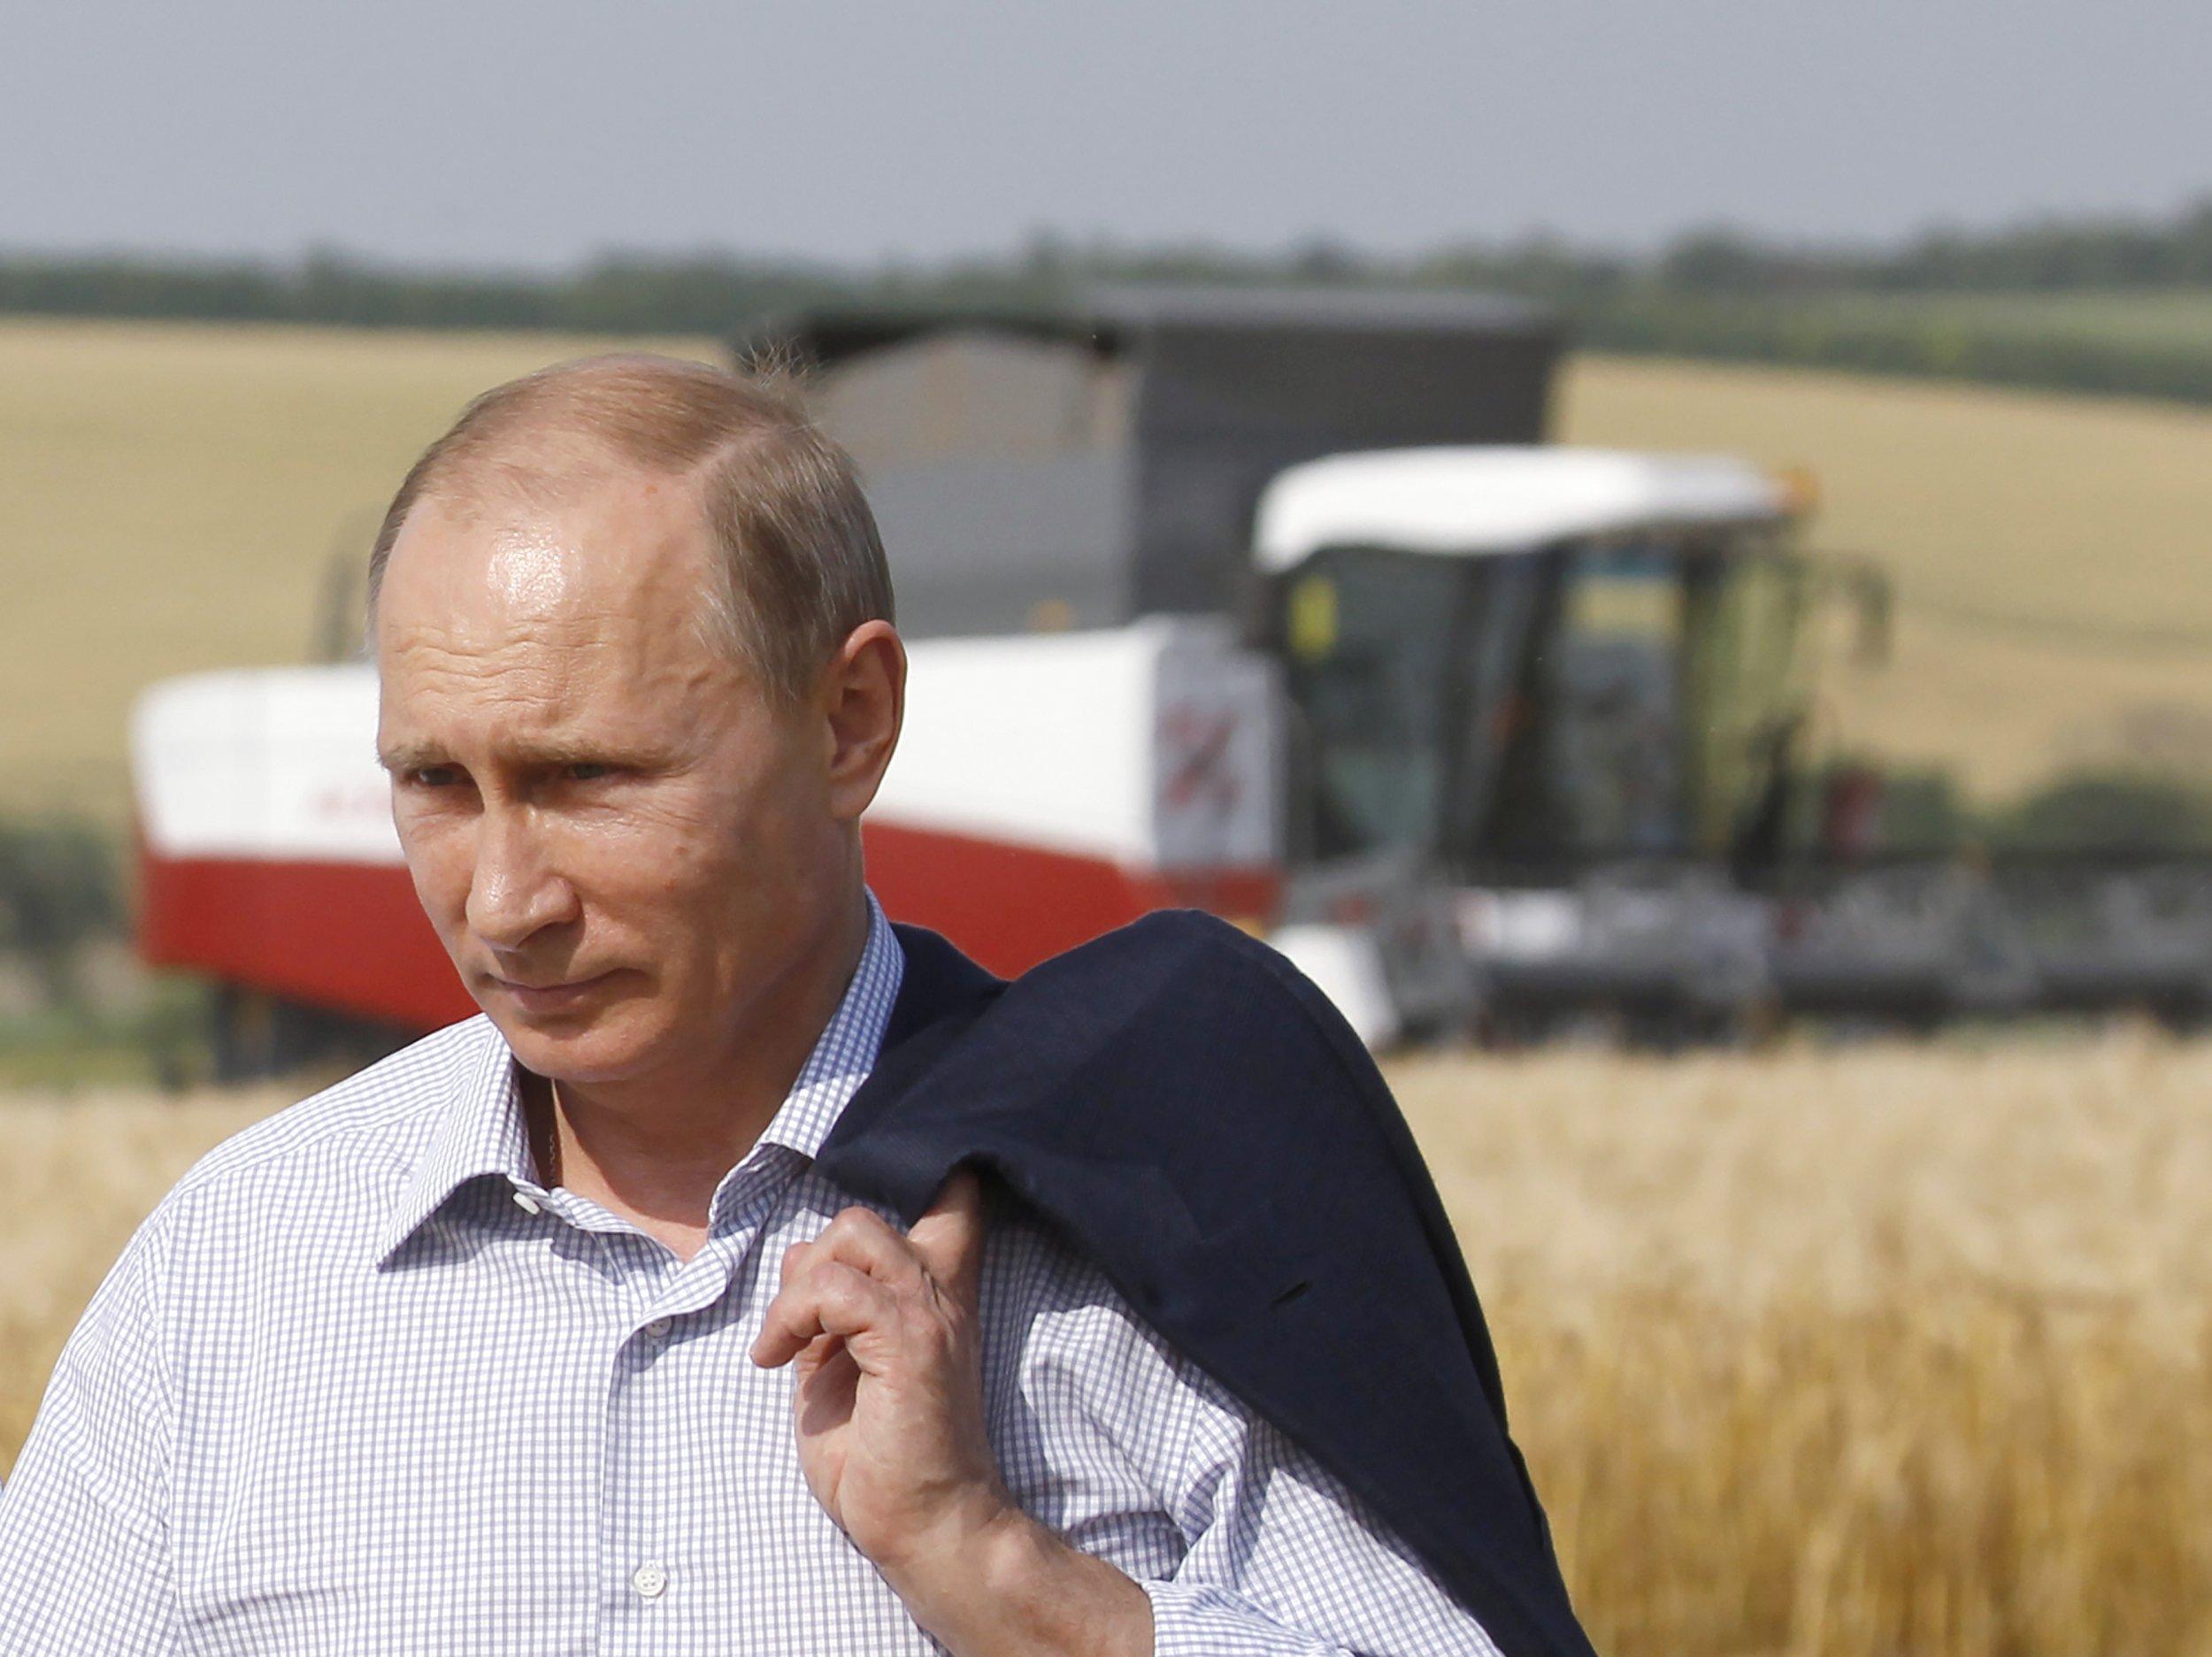 Putin in a barley field